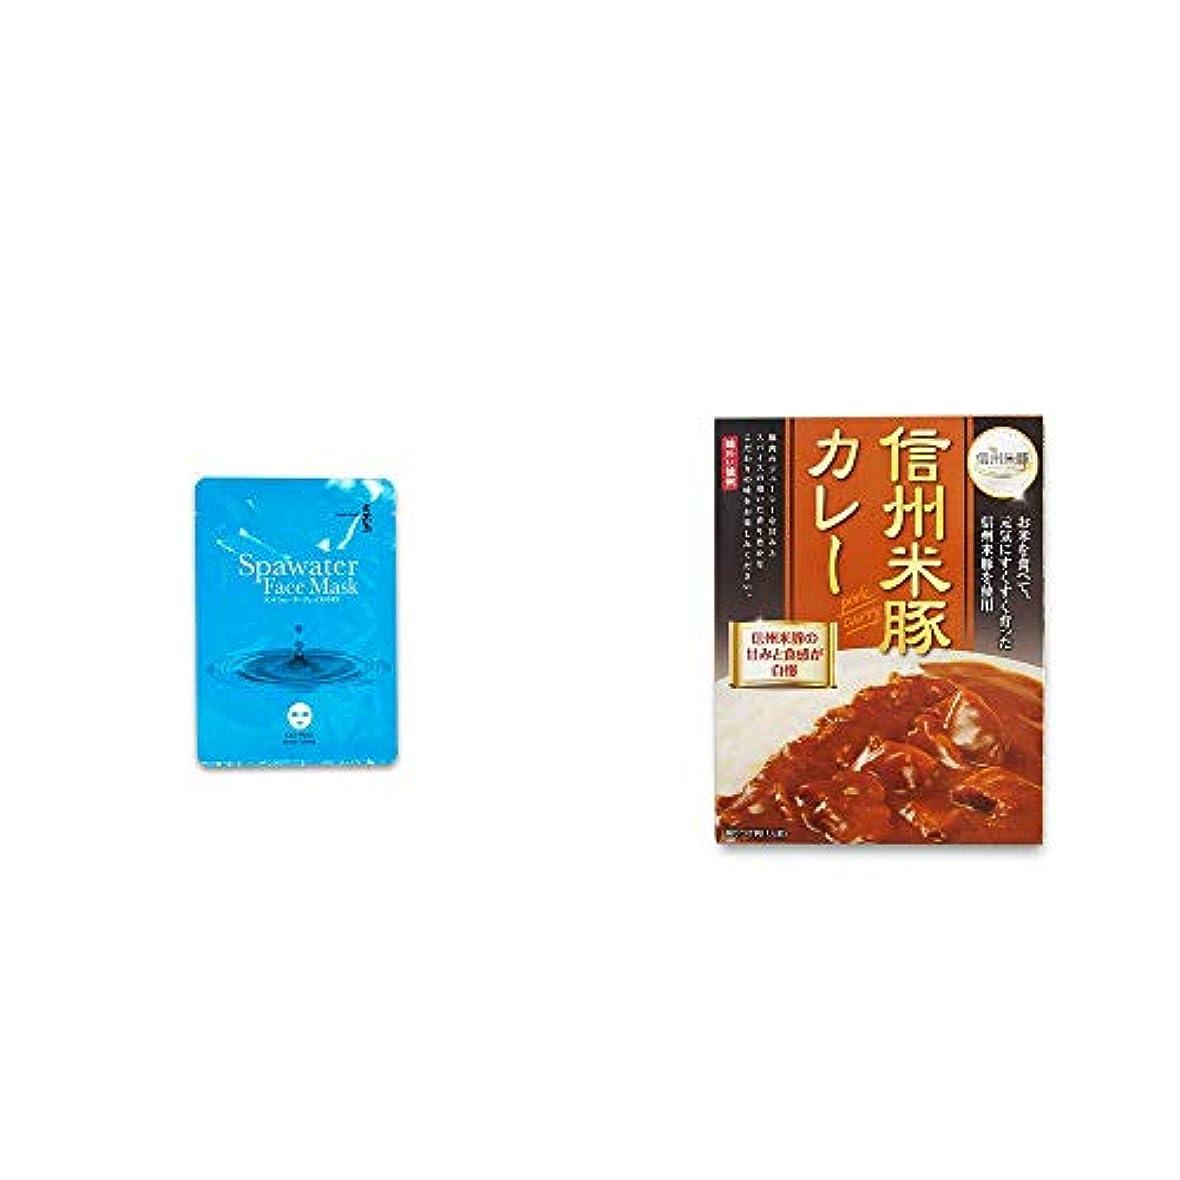 松の木ラベあなたのもの[2点セット] ひのき炭黒泉 スパウォーターフェイスマスク(18ml×3枚入)?信州米豚カレー(1食分)